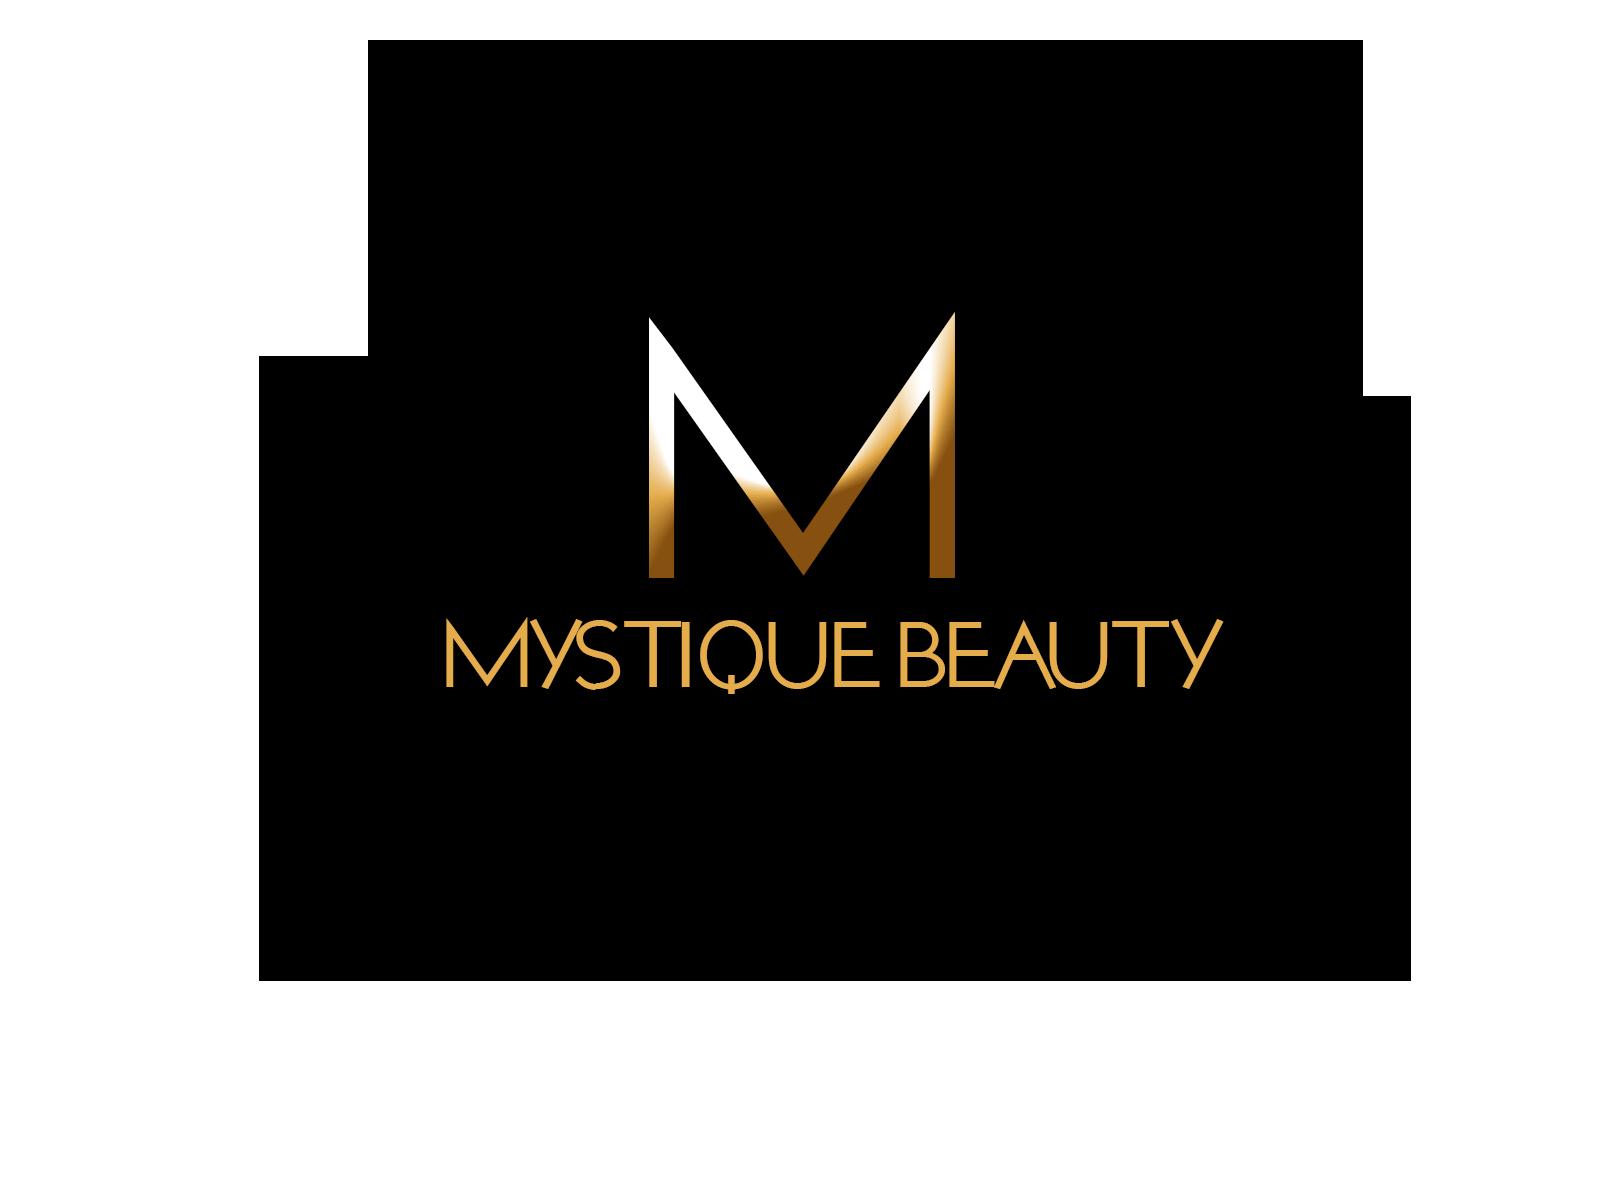 Mystique B-design02